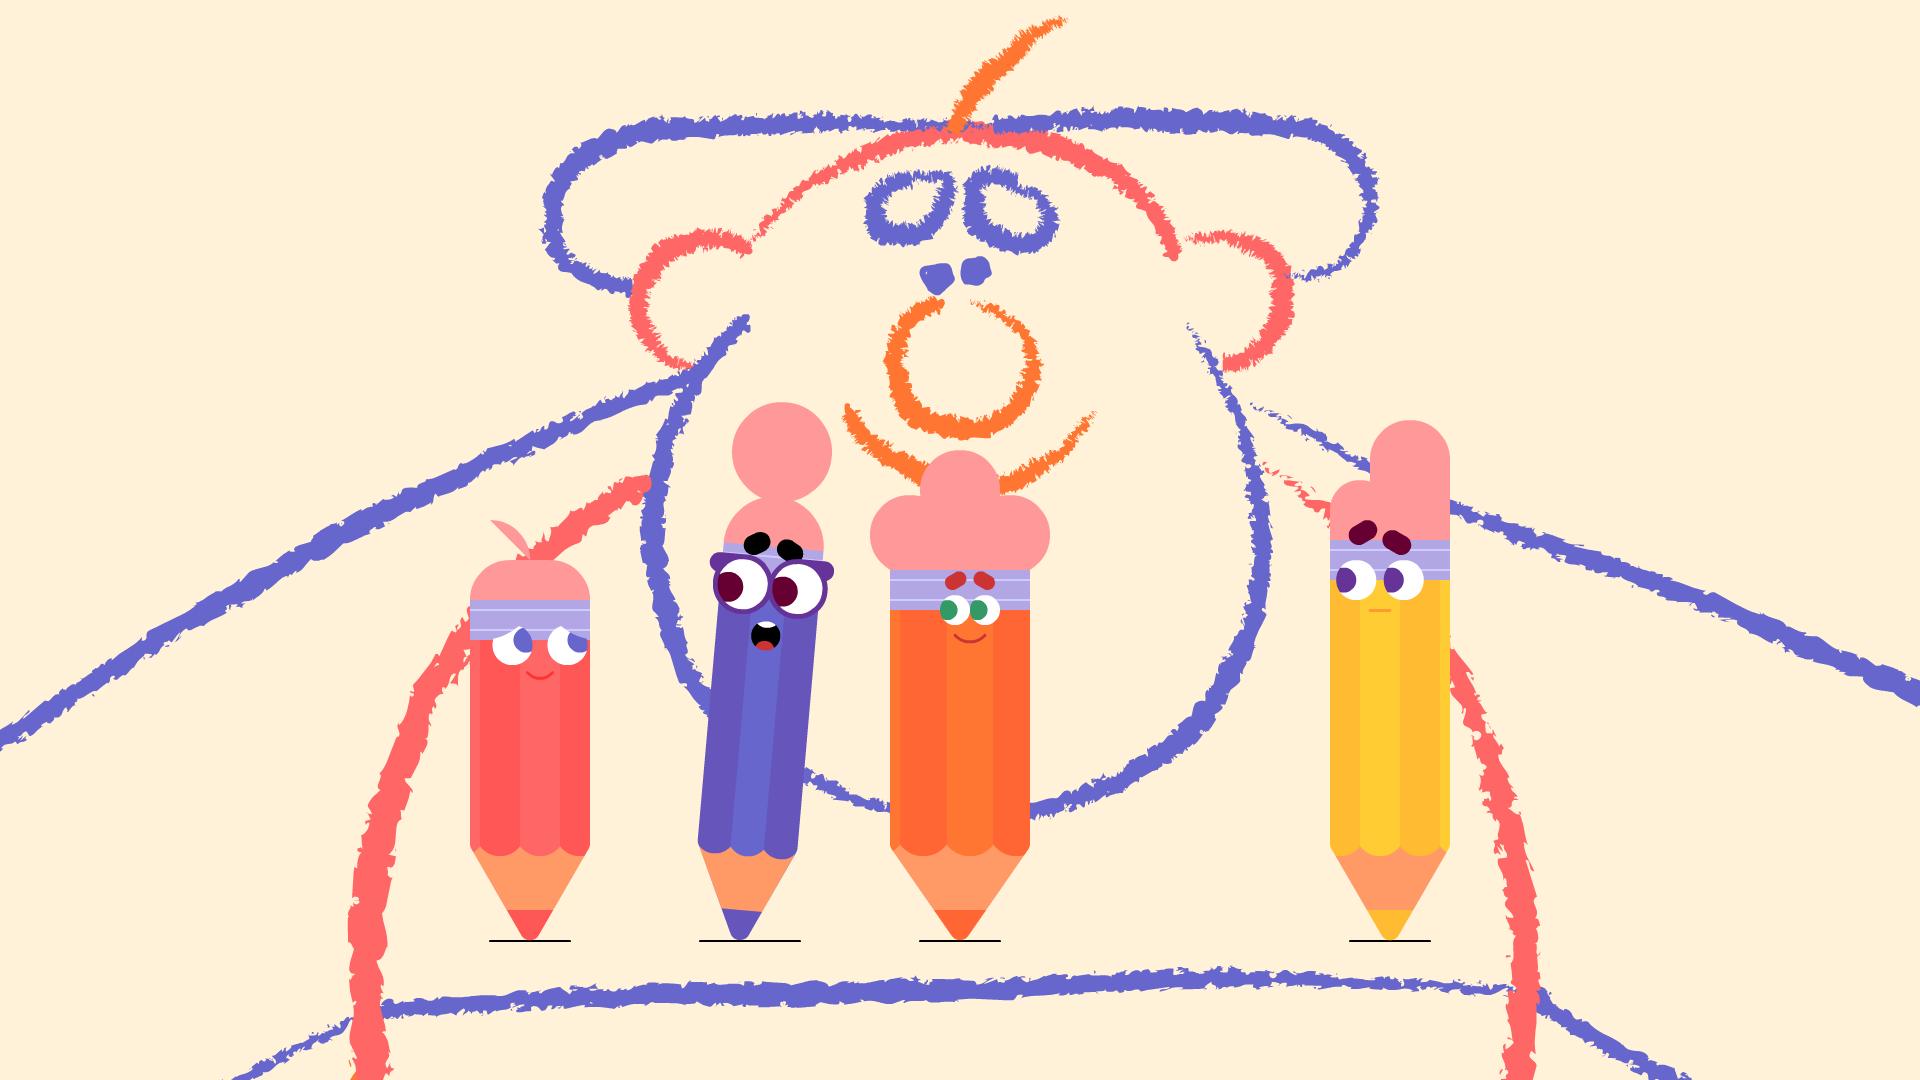 pencils_003.png